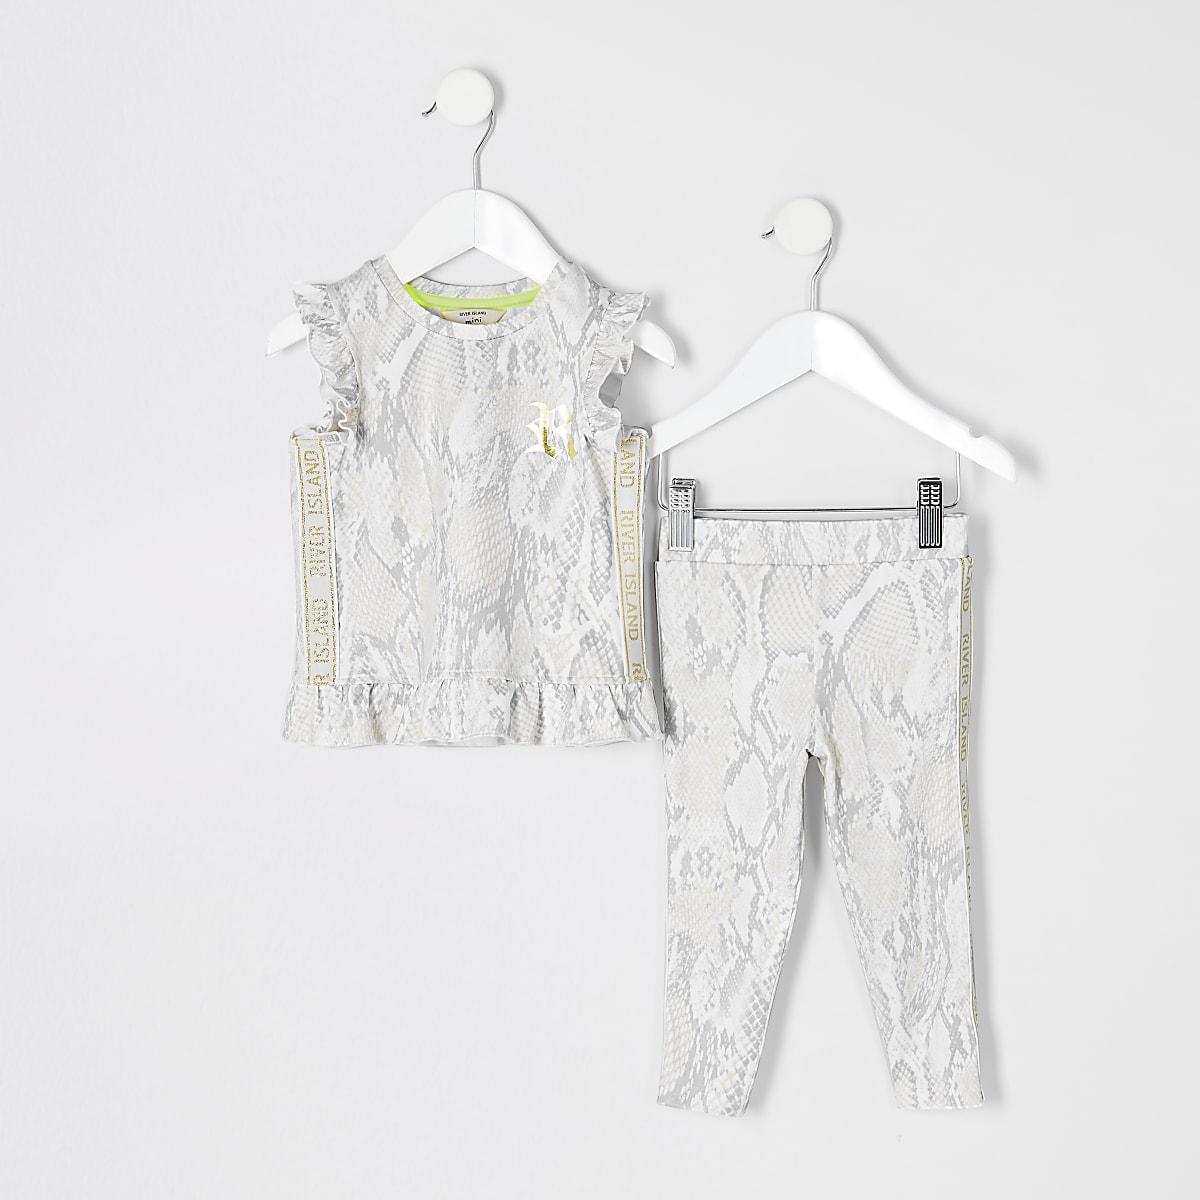 RI Active - Mini - Outfit met beige top met slangenprint voor meisjes